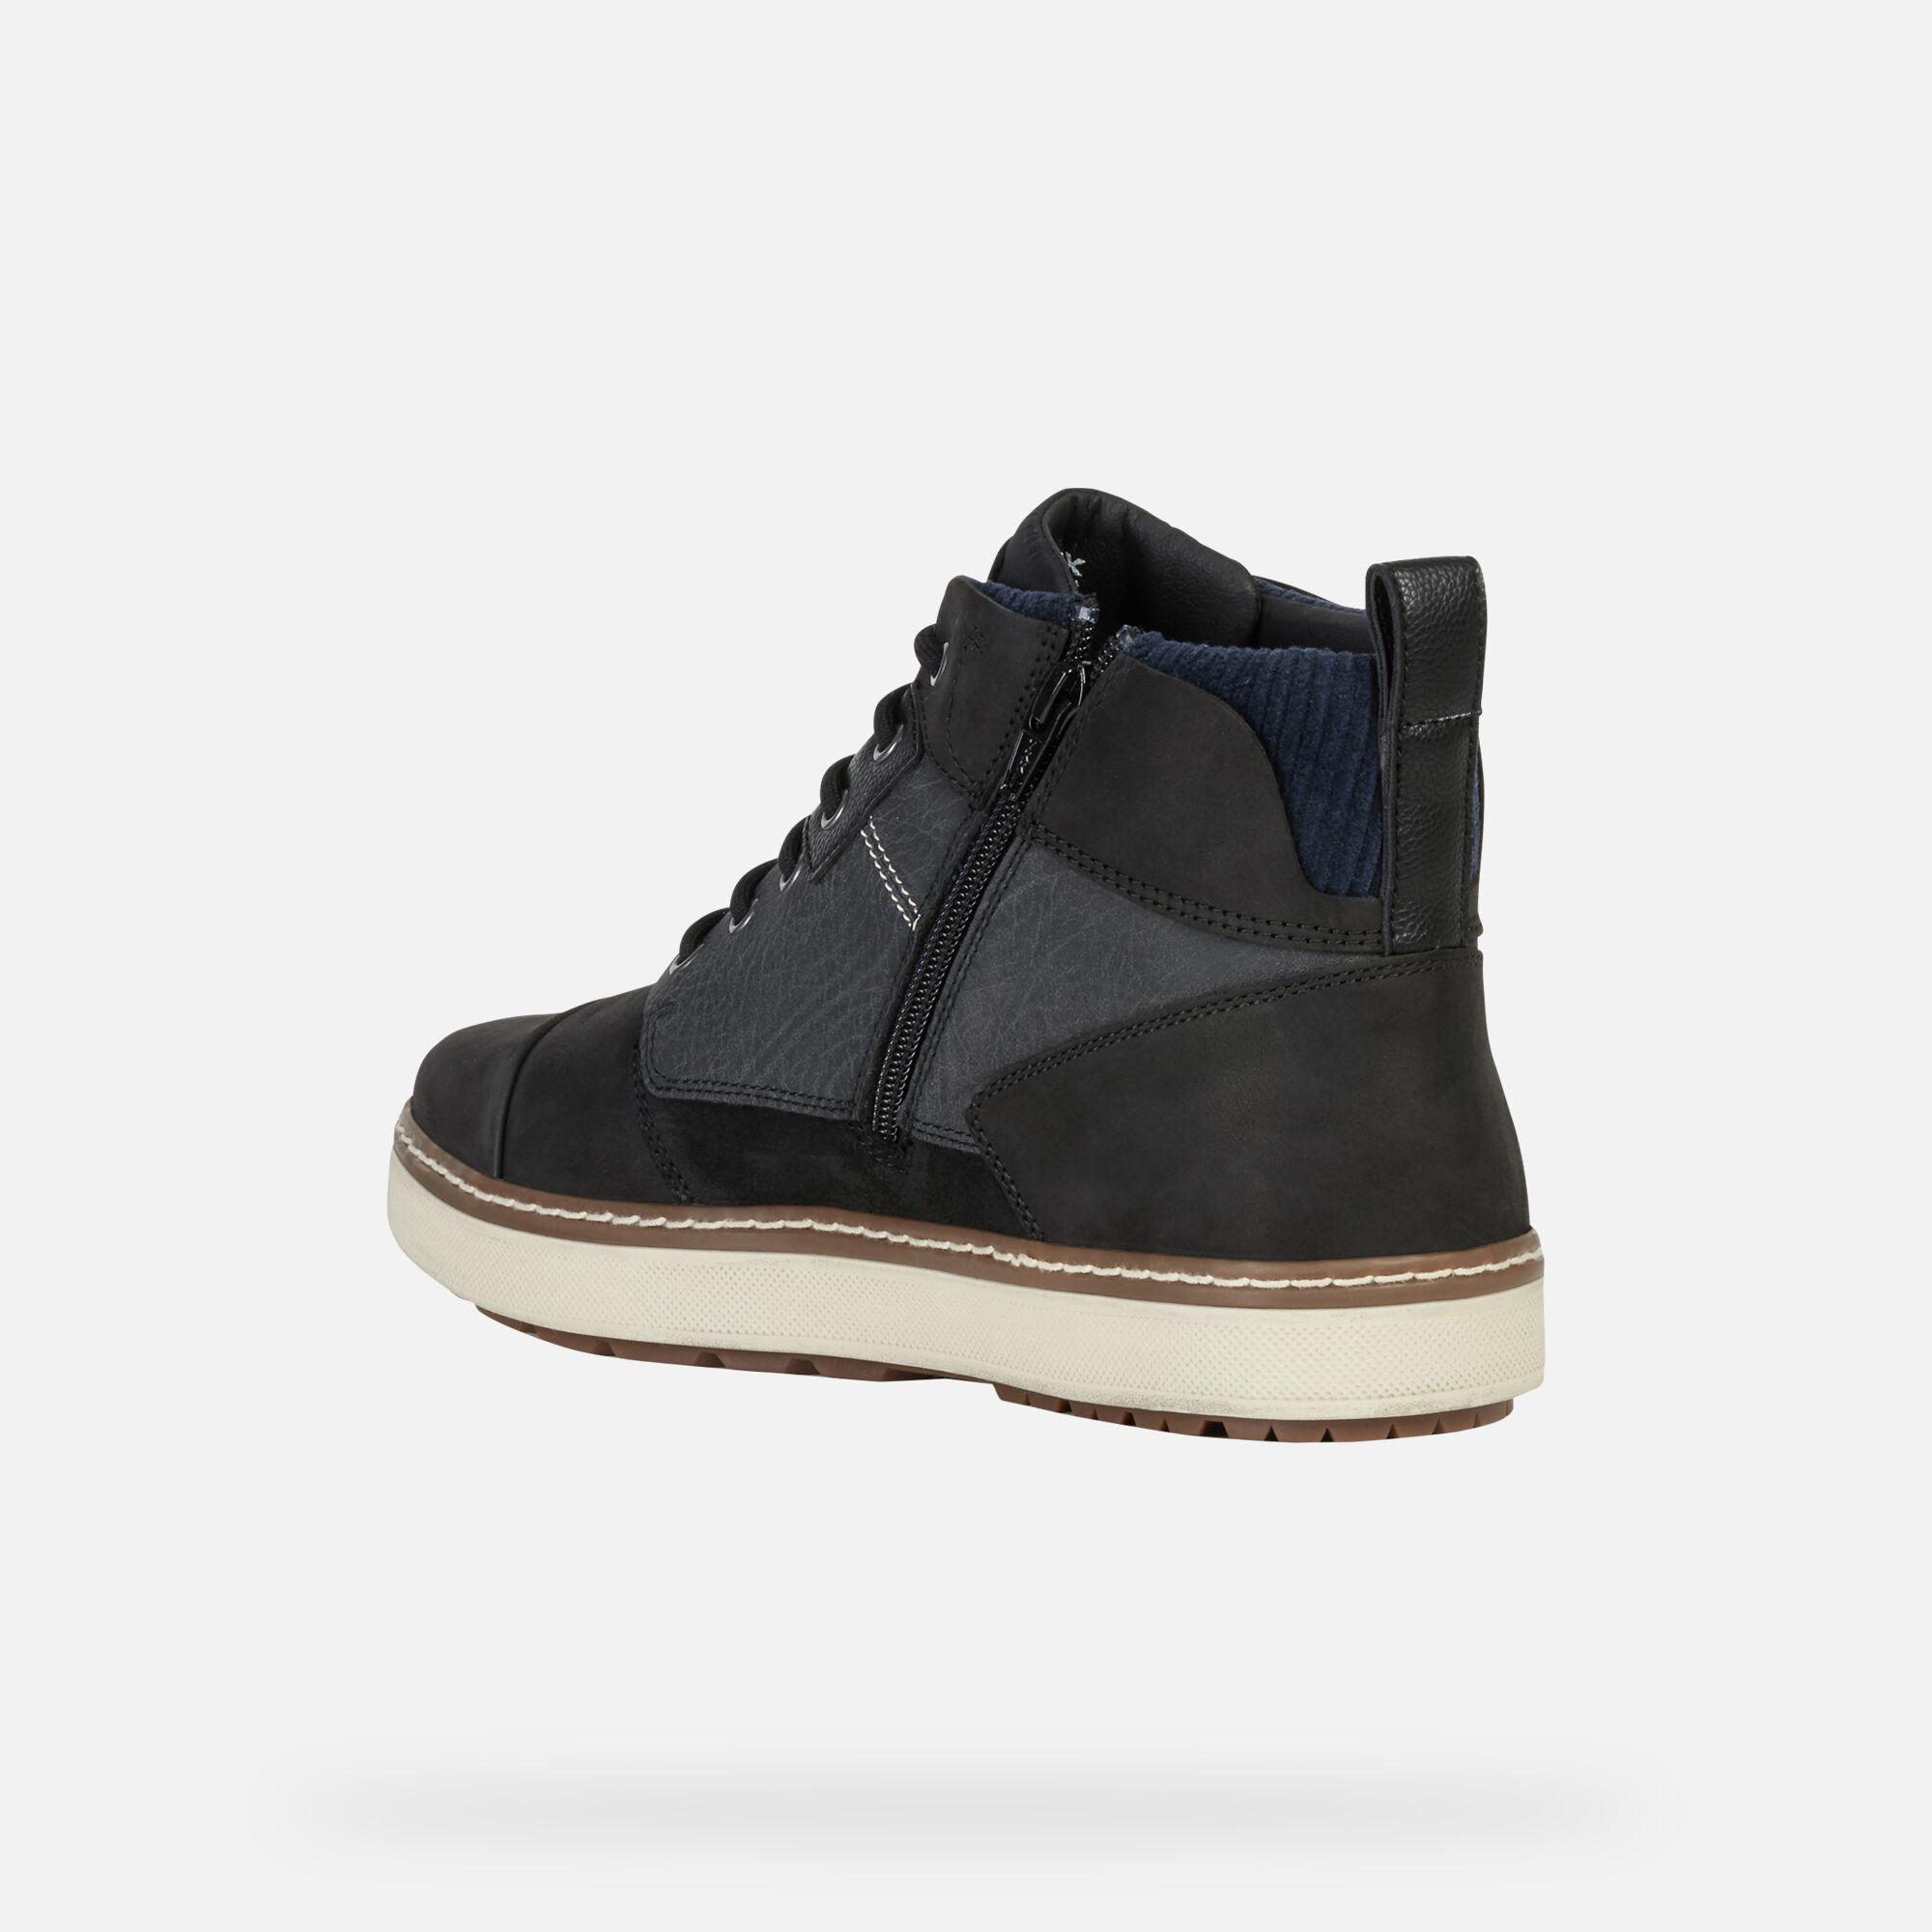 Geox MATTIAS B ABX Uomo Sneakers Alte Nere | Geox ® FW 1920